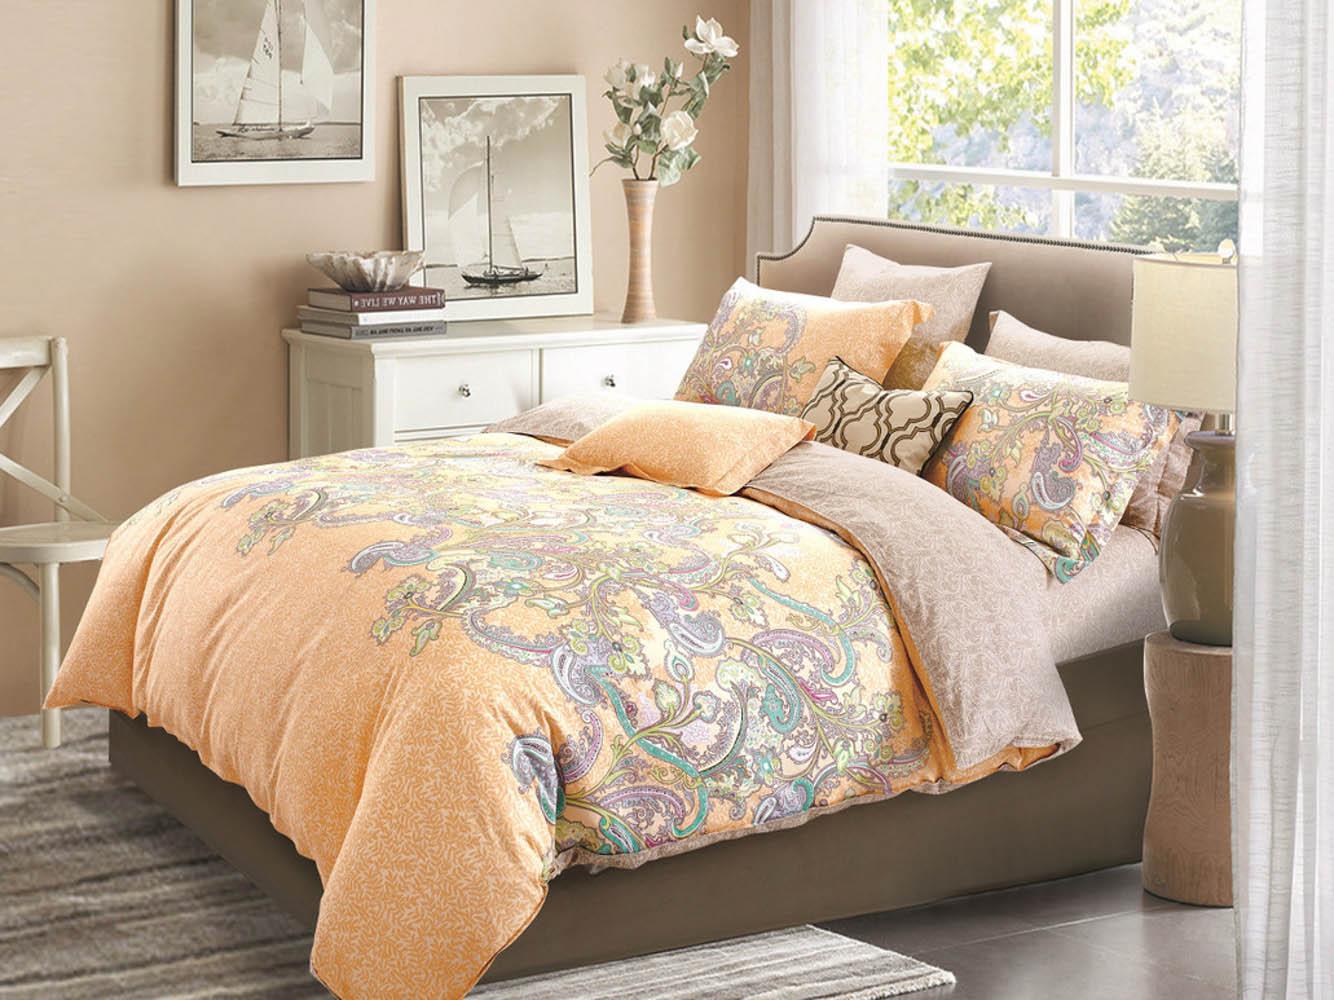 Купить Комплекты постельного белья Cleo, Постельное белье Nyasia (1, 5 спал.), Китай, Оранжевый, Хлопковый сатин